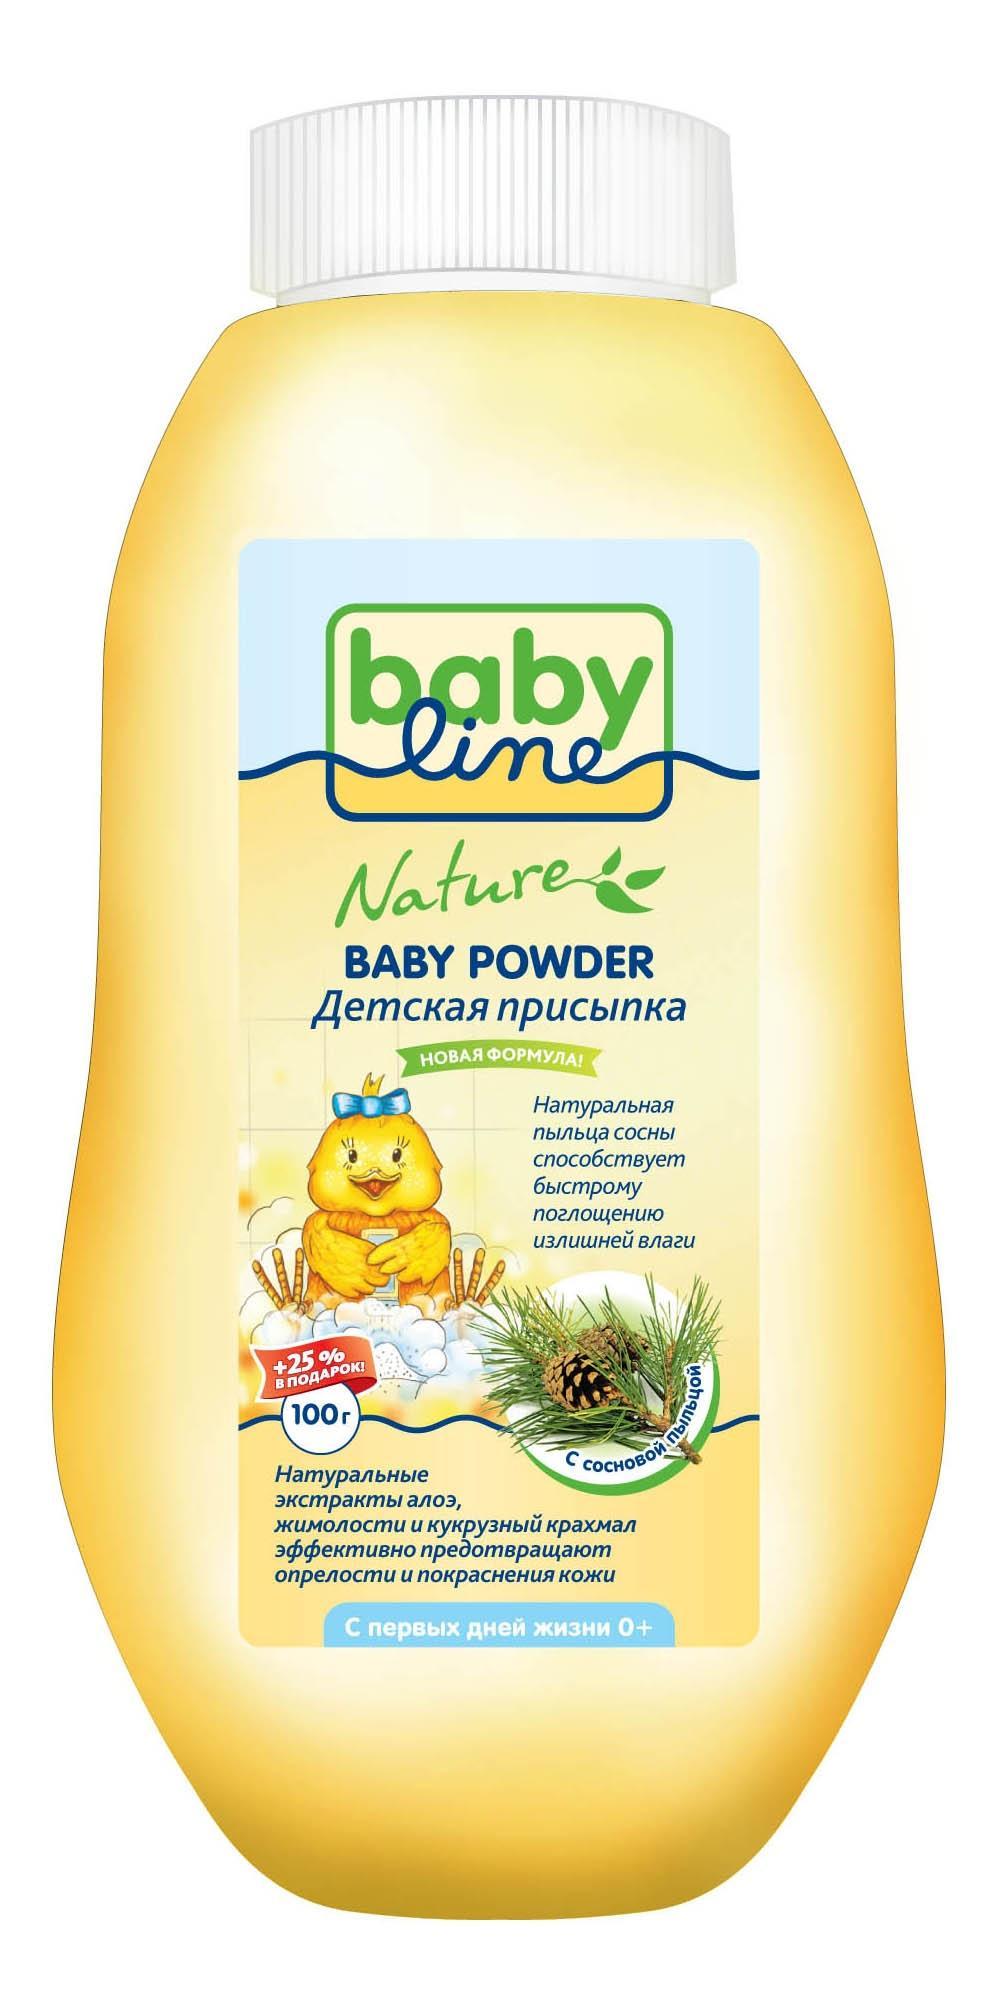 Детская присыпка babyline с сосновой пыльцой,